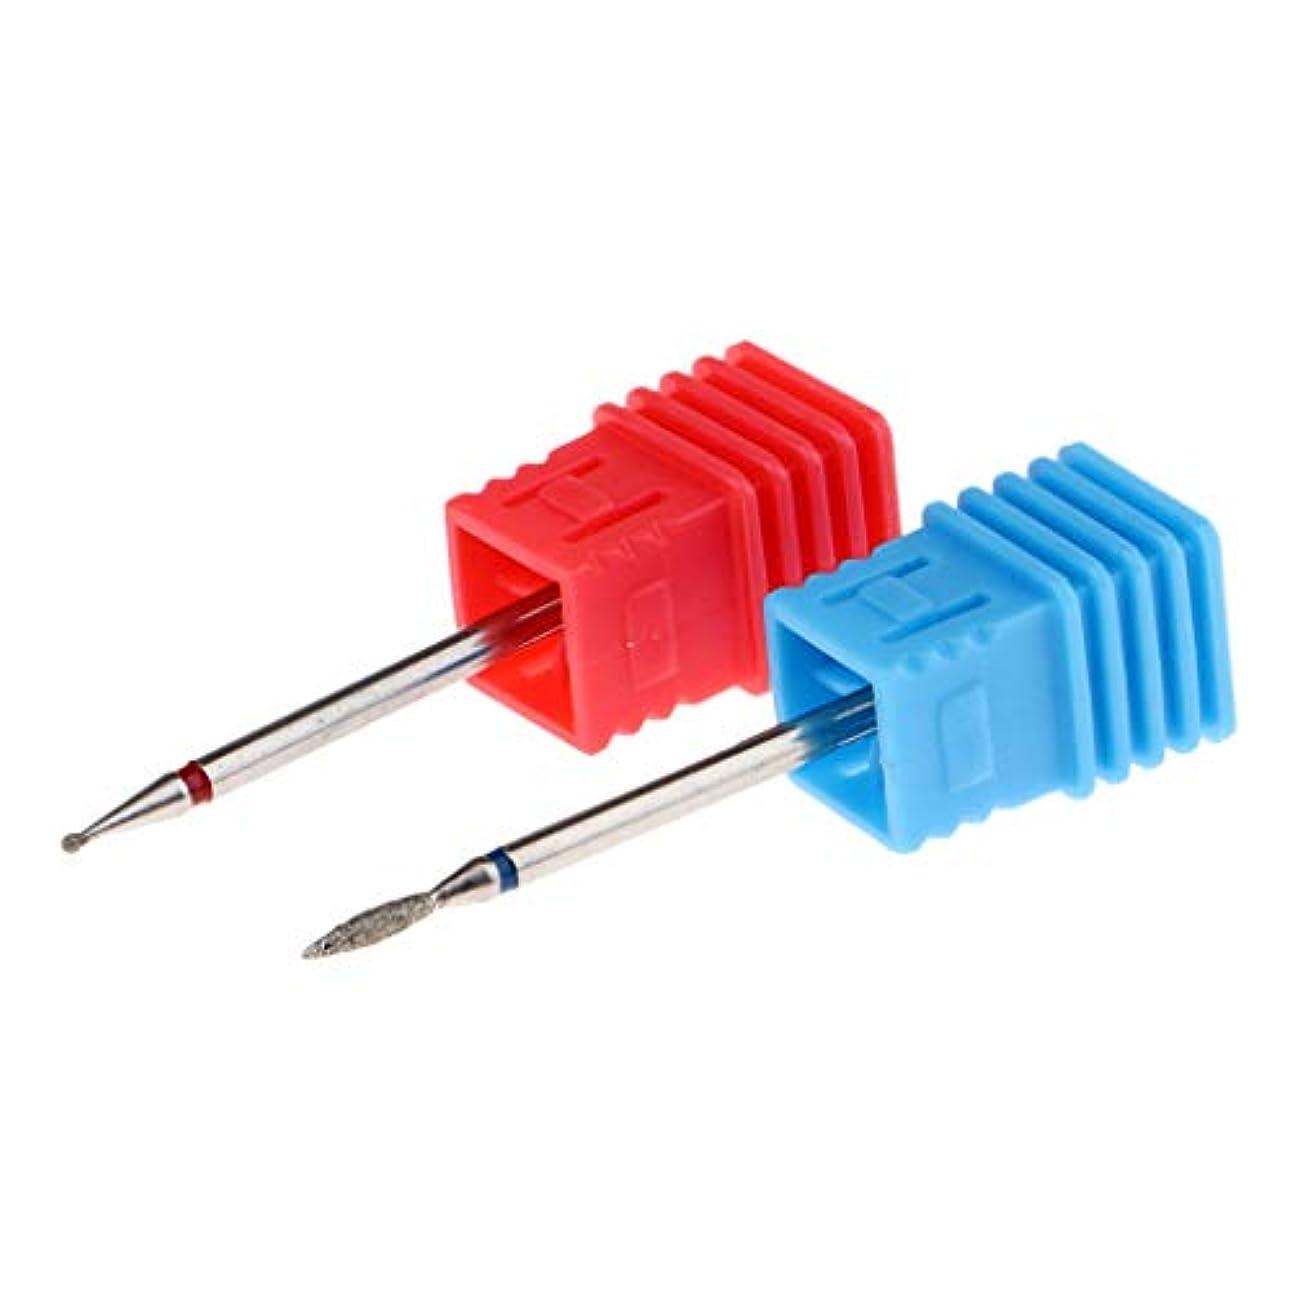 かき混ぜる子供っぽいガウンFLAMEER ネイルドリル ネイルオフ 電動ネイルマシーン用 超硬 耐久性 2本セット 9色選択 - 03